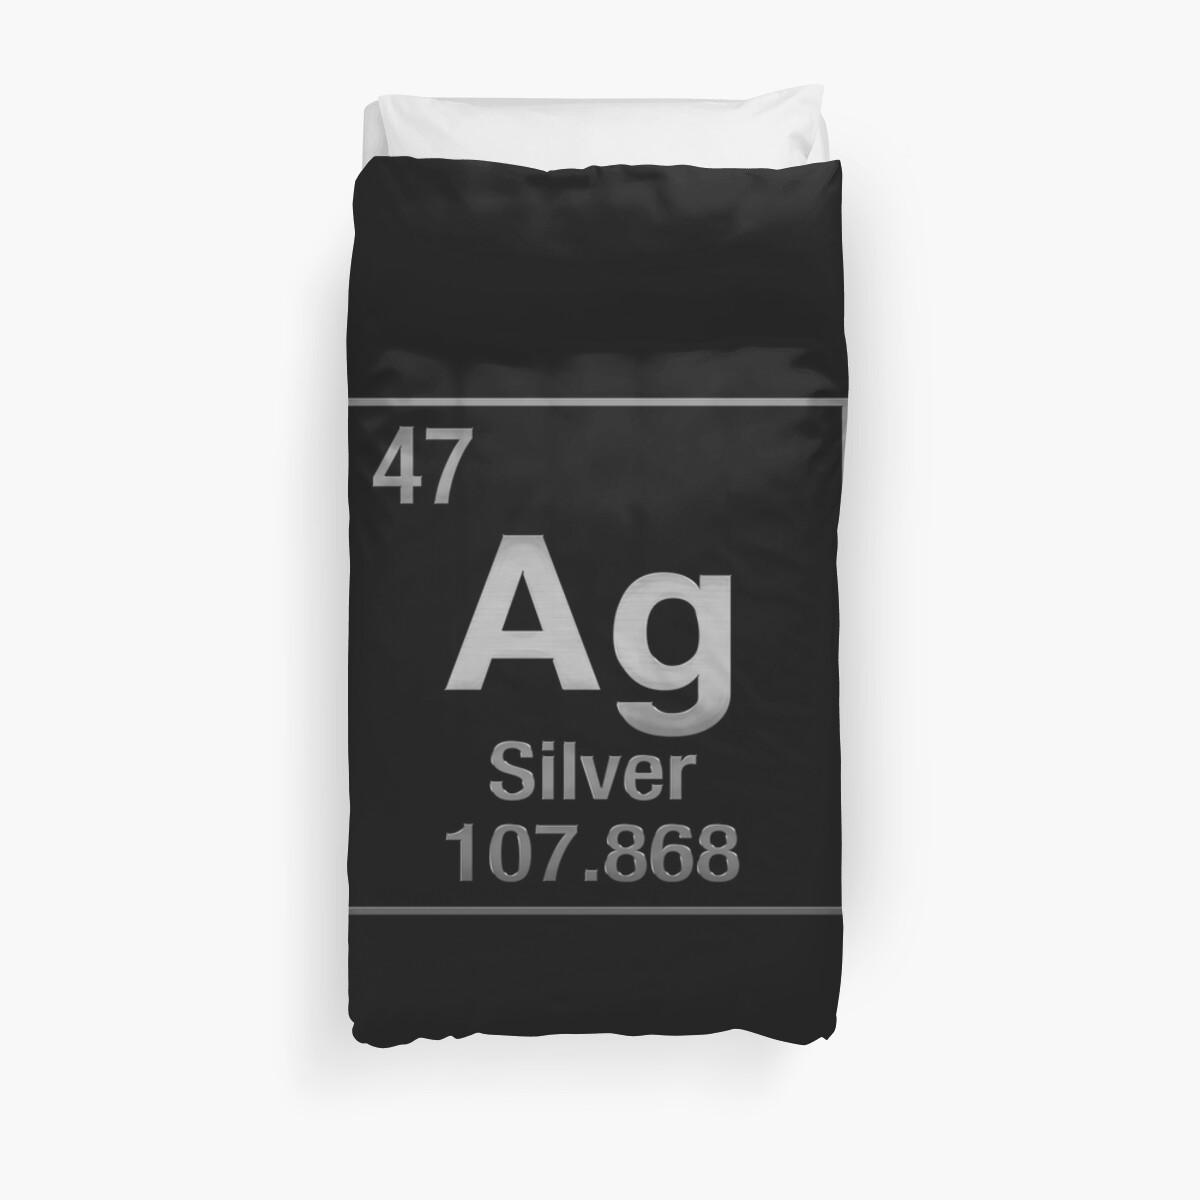 Fundas nrdicas tabla peridica de elementos plata ag en negro tabla peridica de elementos plata ag en negro de serge averbukh urtaz Choice Image